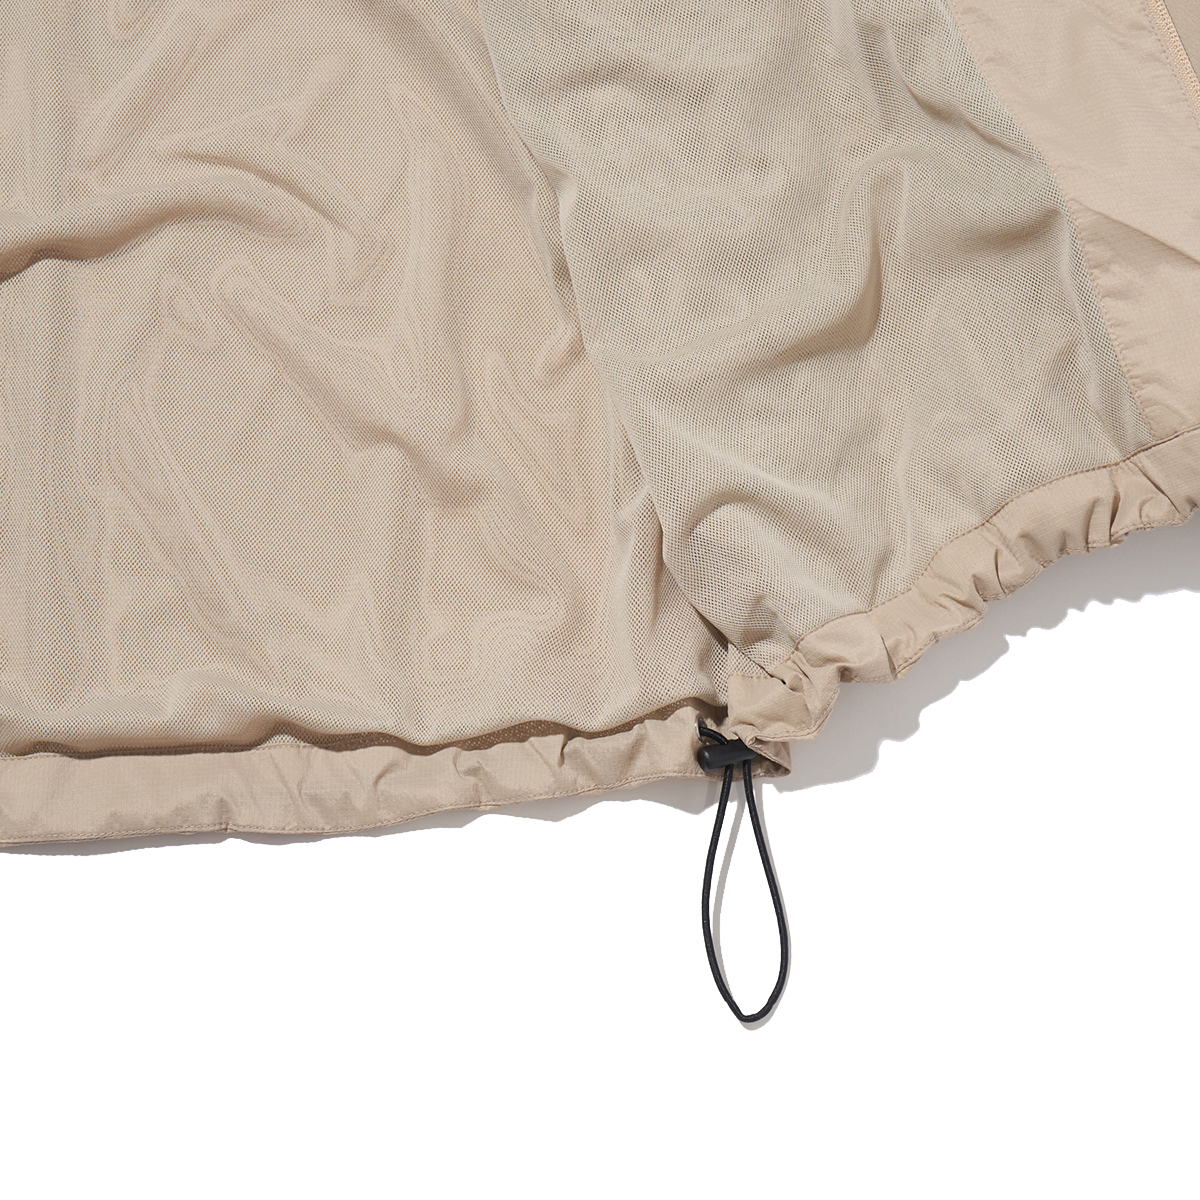 裏地メッシュと裾のドローコード